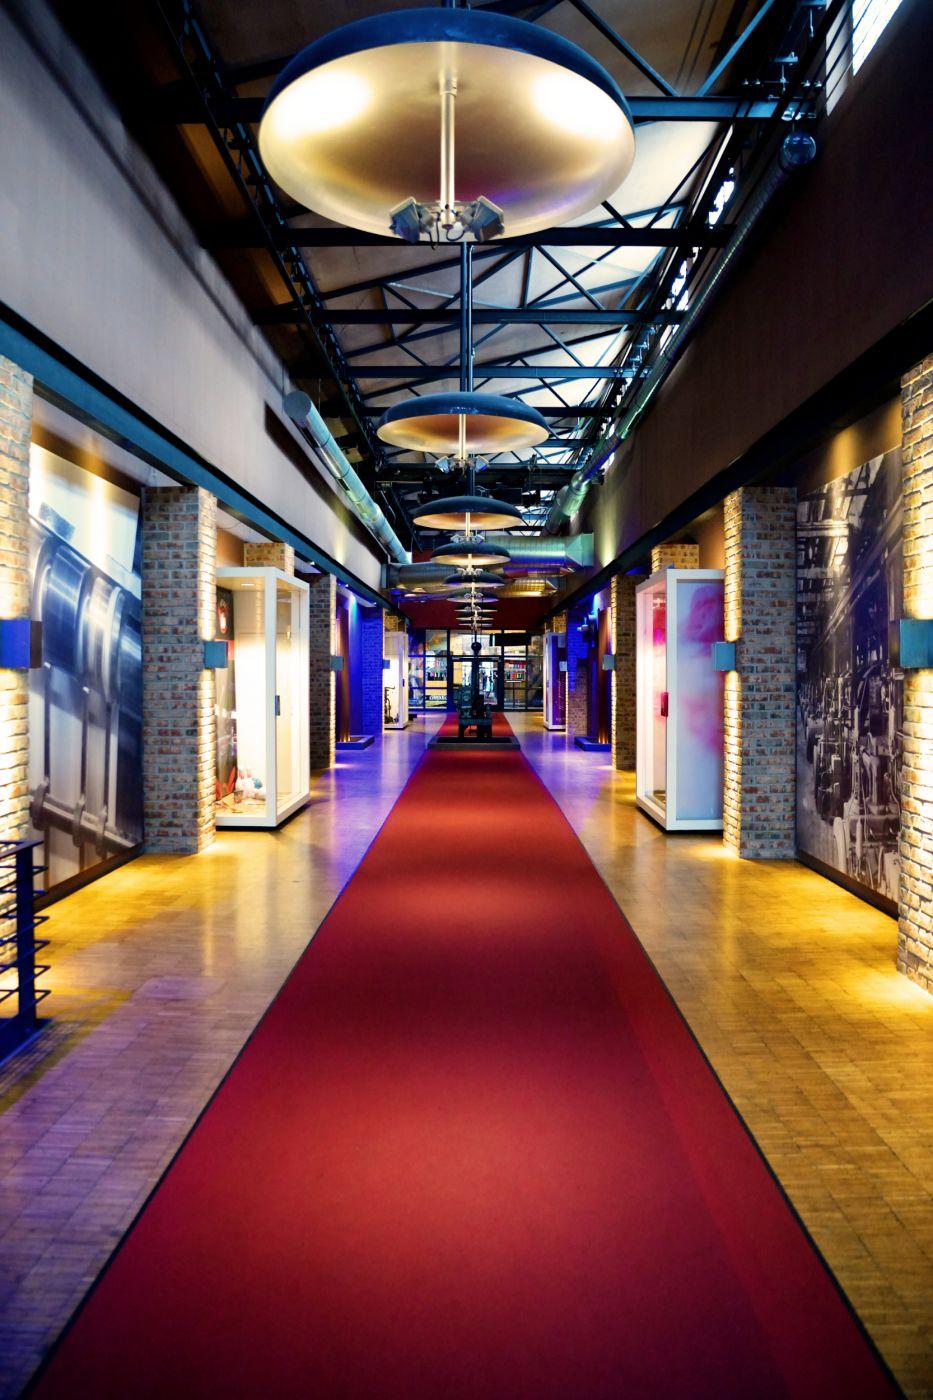 Alte Papierfabrik, Germany